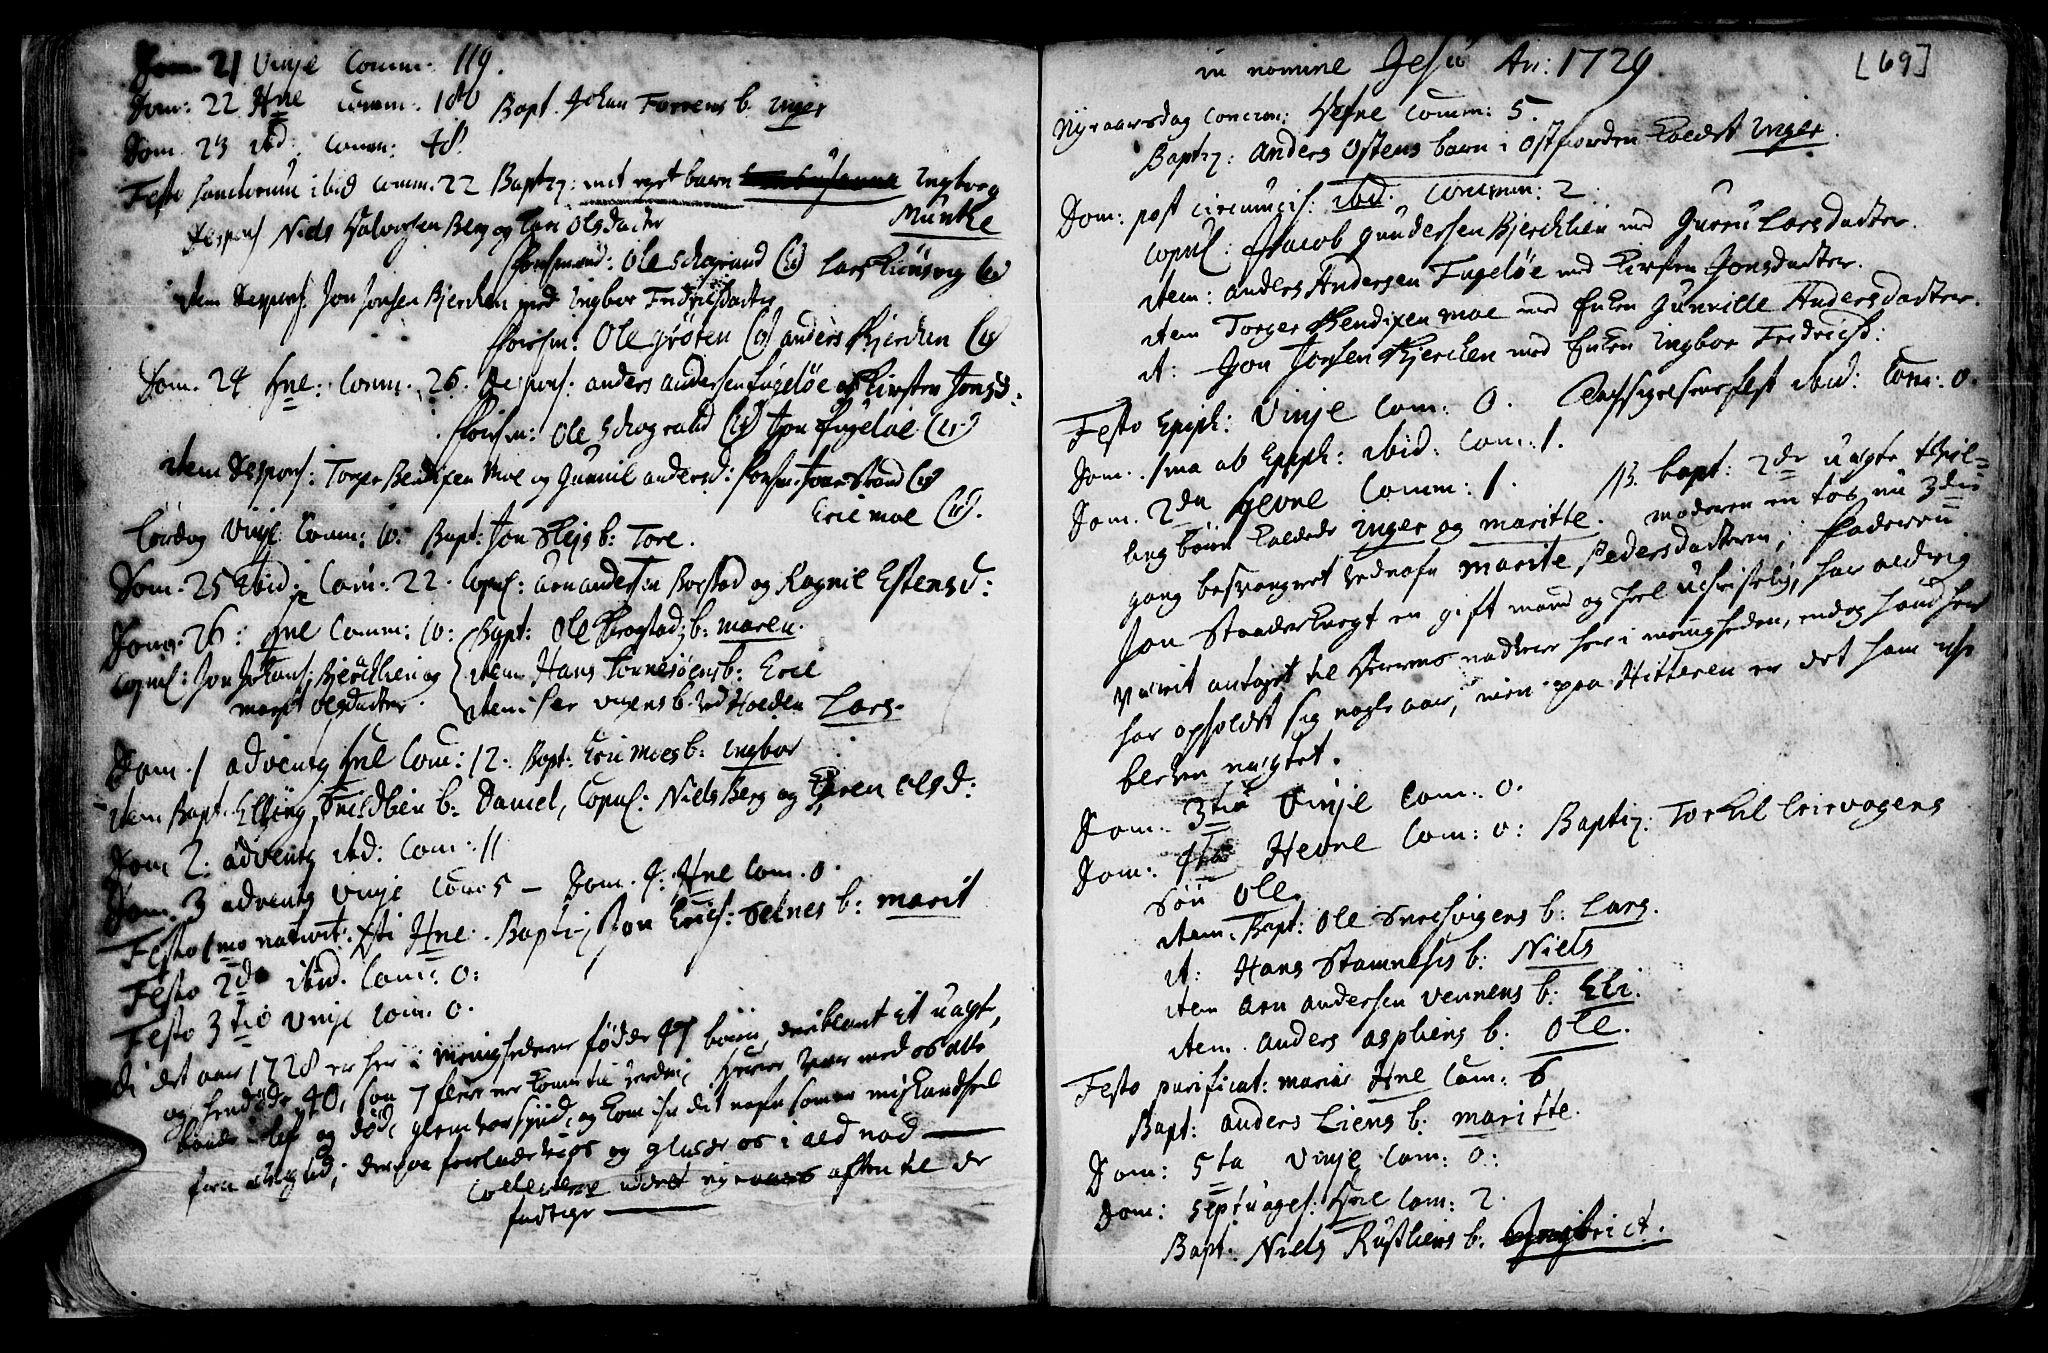 SAT, Ministerialprotokoller, klokkerbøker og fødselsregistre - Sør-Trøndelag, 630/L0488: Ministerialbok nr. 630A01, 1717-1756, s. 68-69